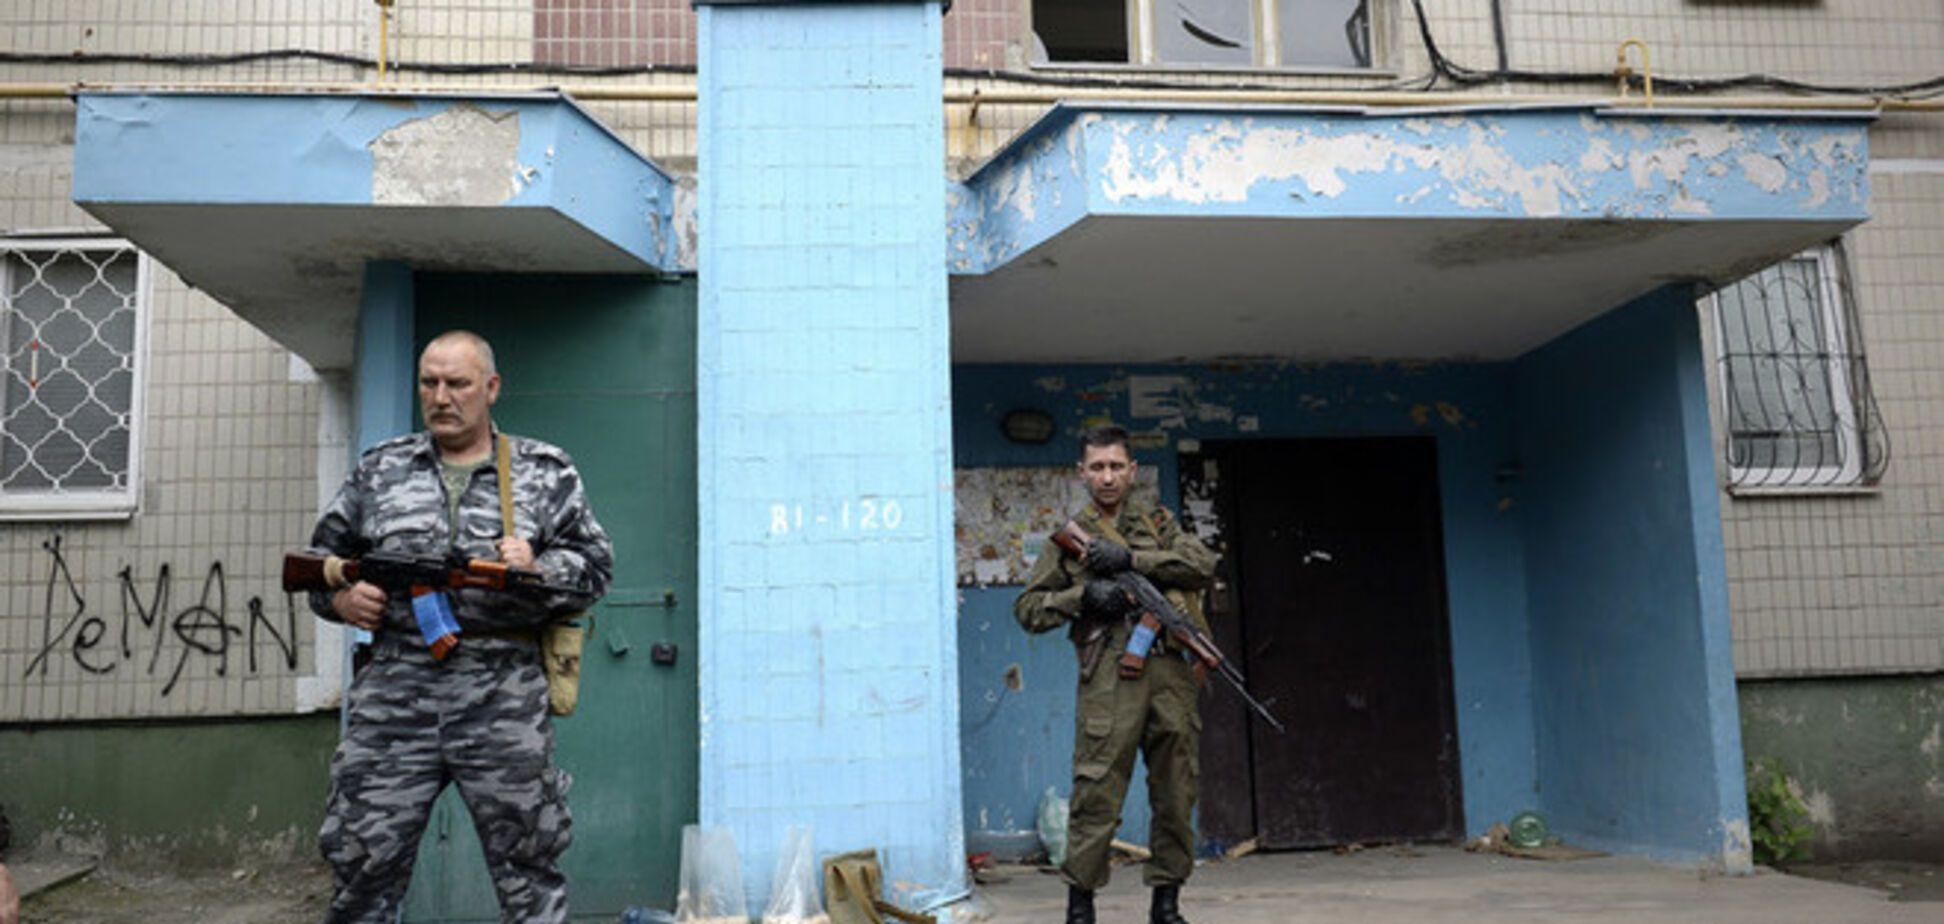 Журналист: луганчане пассивны к сепаратизму, но их пугают террористы